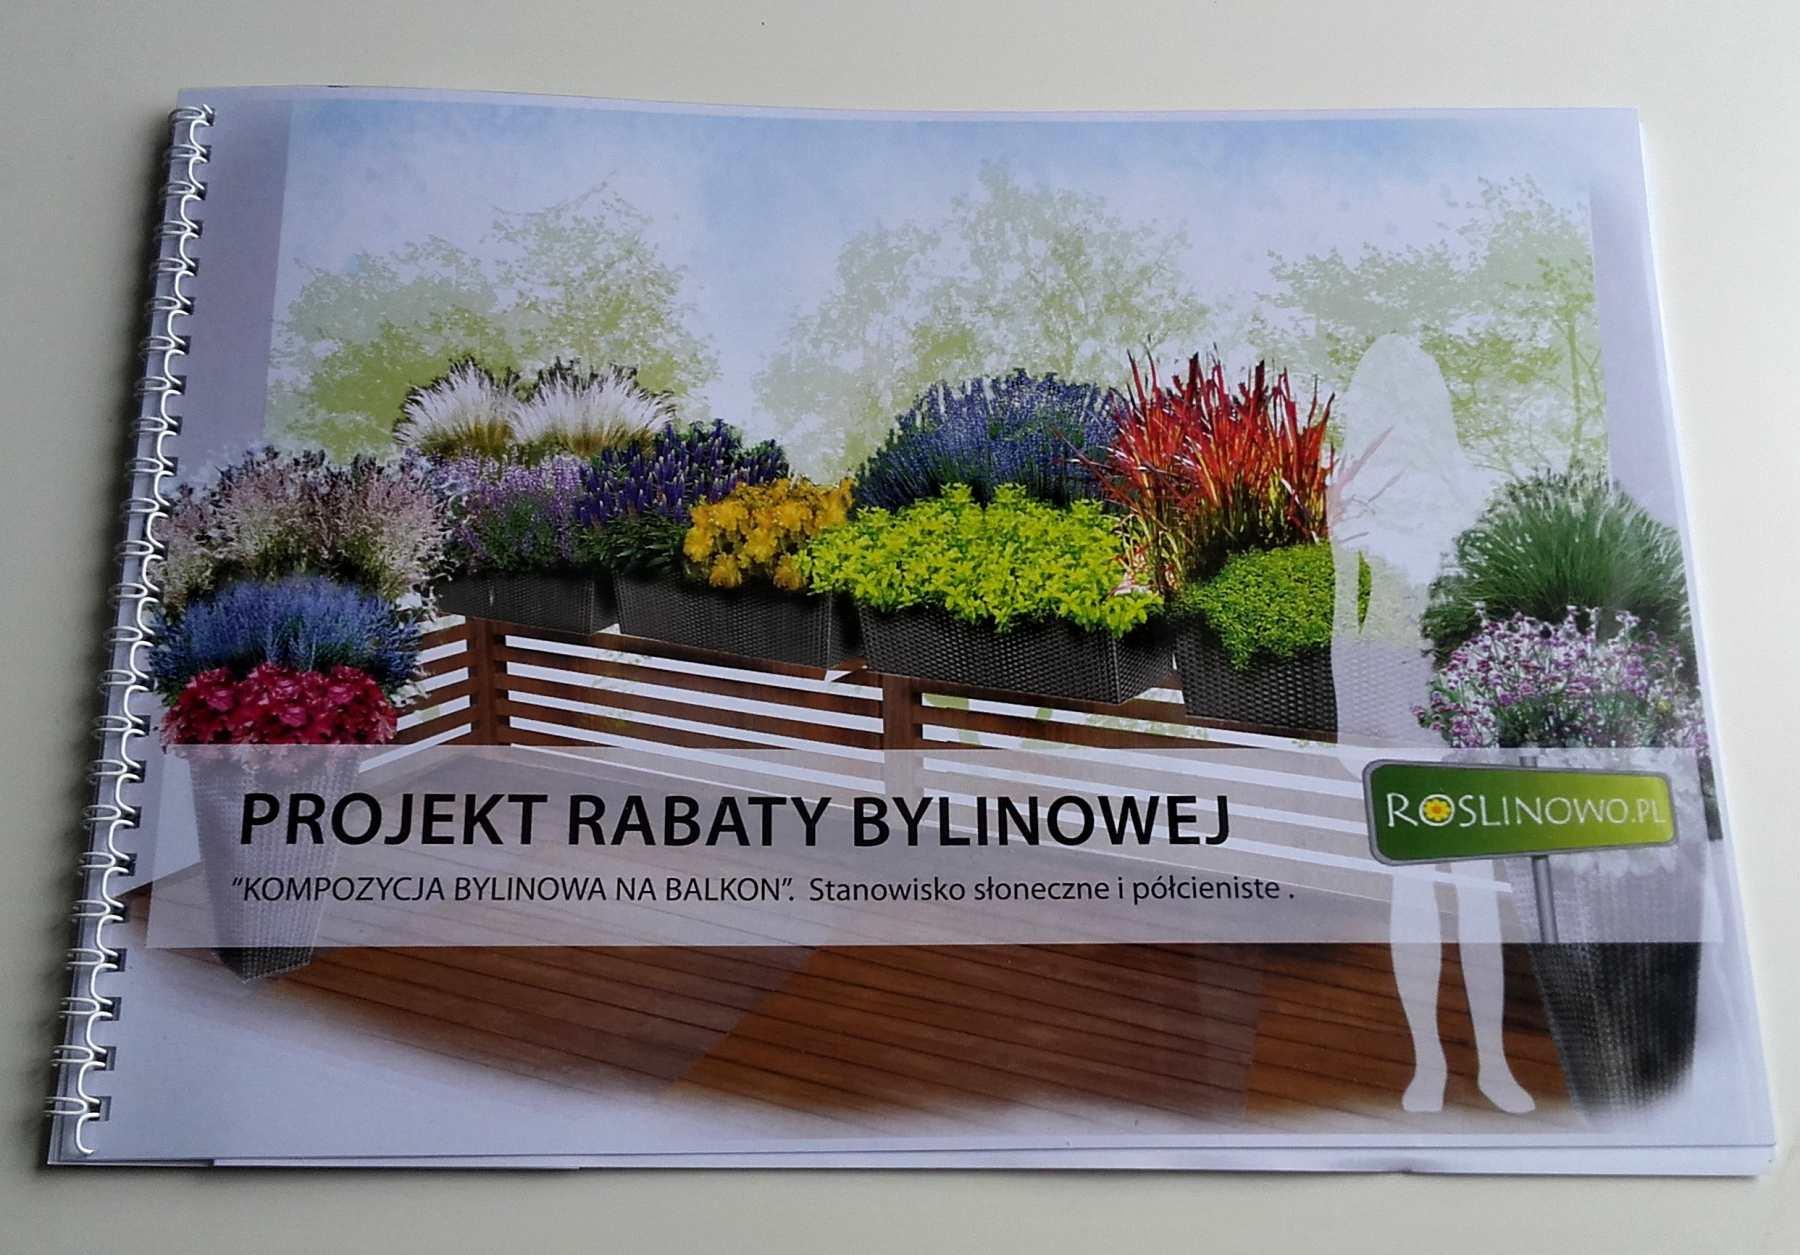 aranżacja bylinowa na balkon, druk projektu